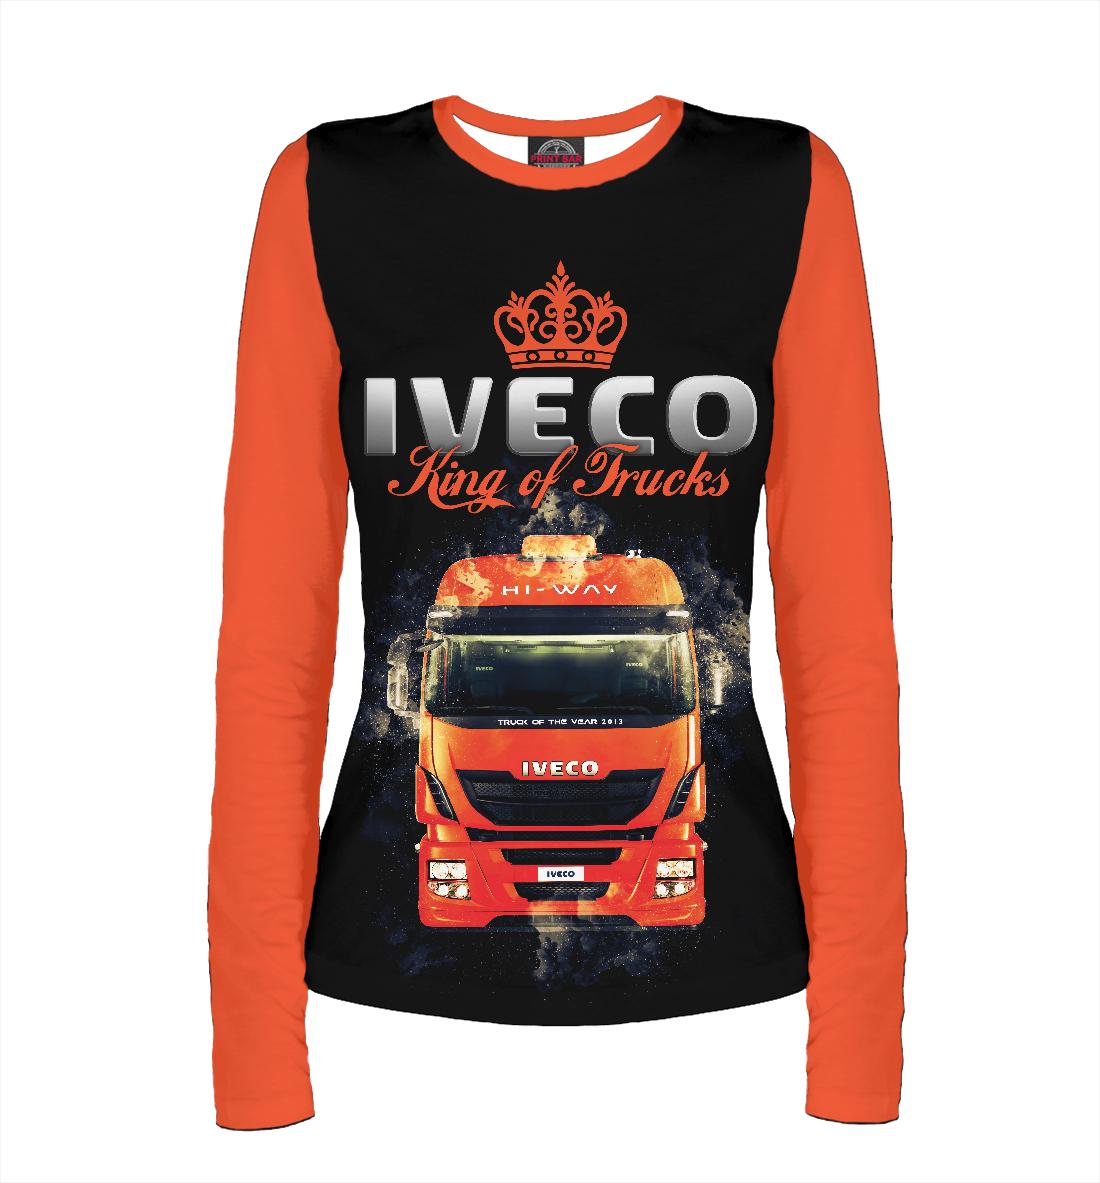 Купить IVECO - король грузовиков, Printbar, Лонгсливы, GRZ-502294-lon-1